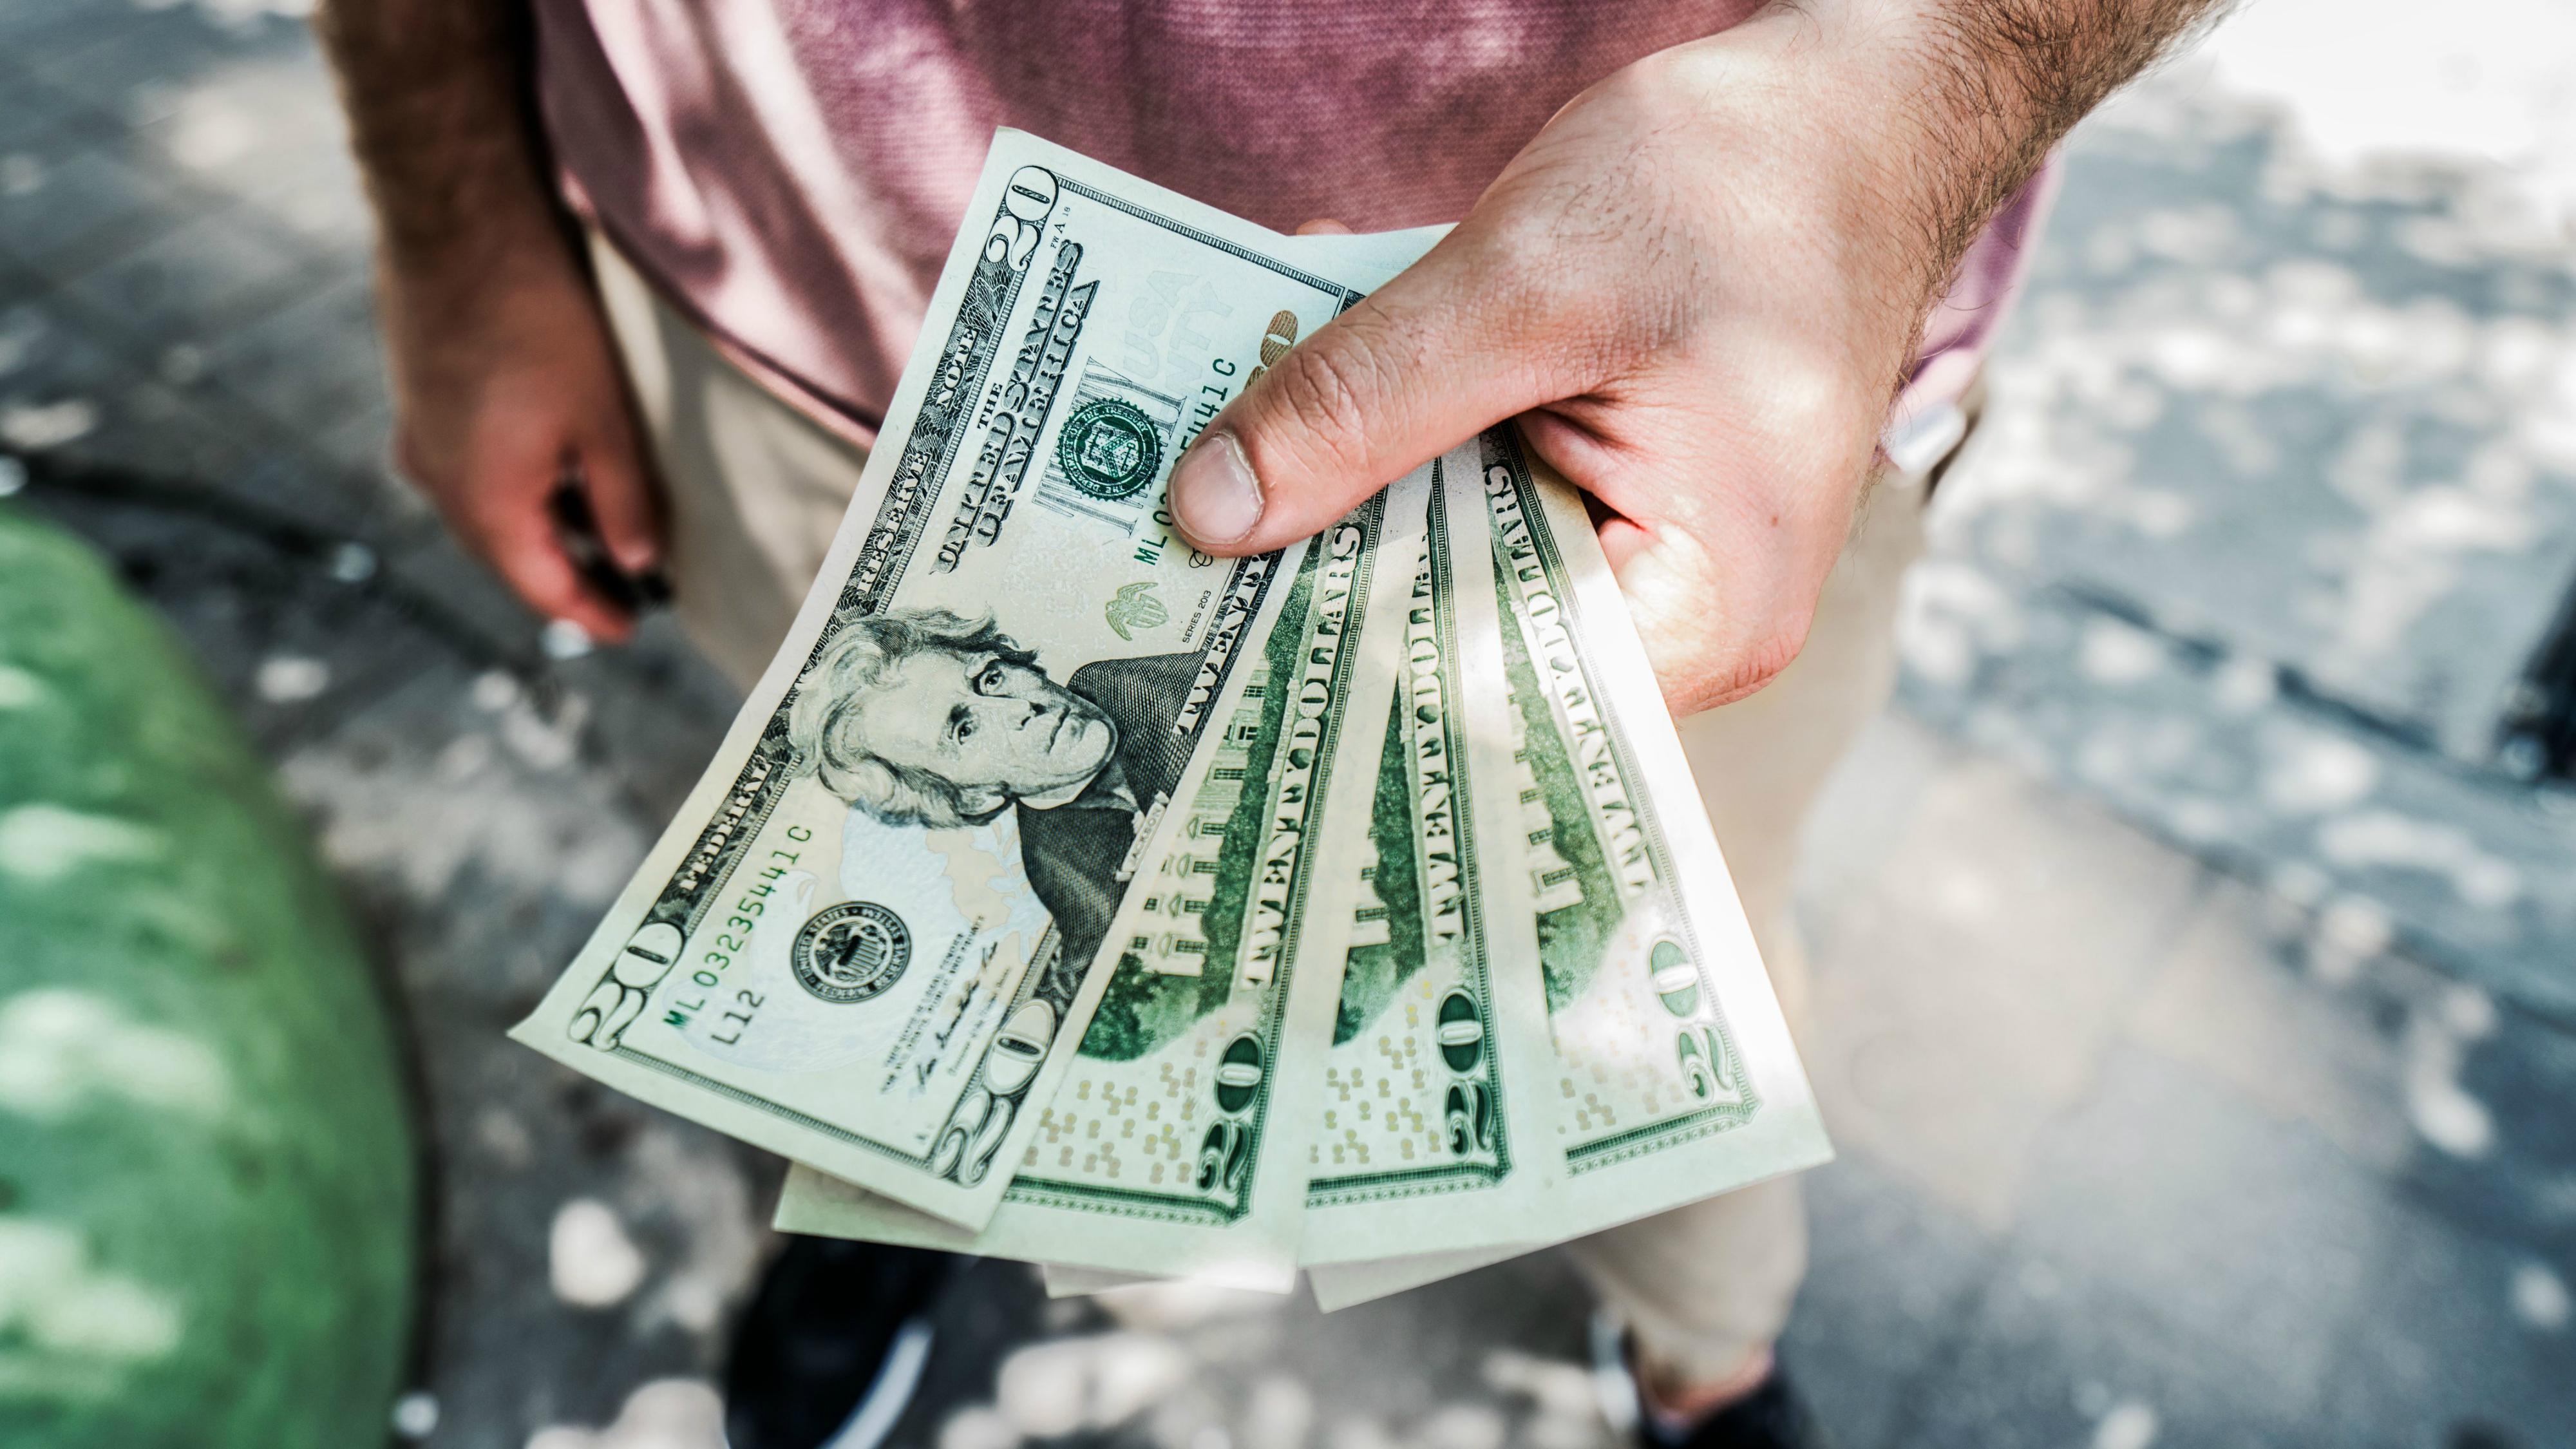 Nopelnīt Ienākumus Tiešsaistē - Labākie veidi, kā nopelnīt naudu internetā no mājām